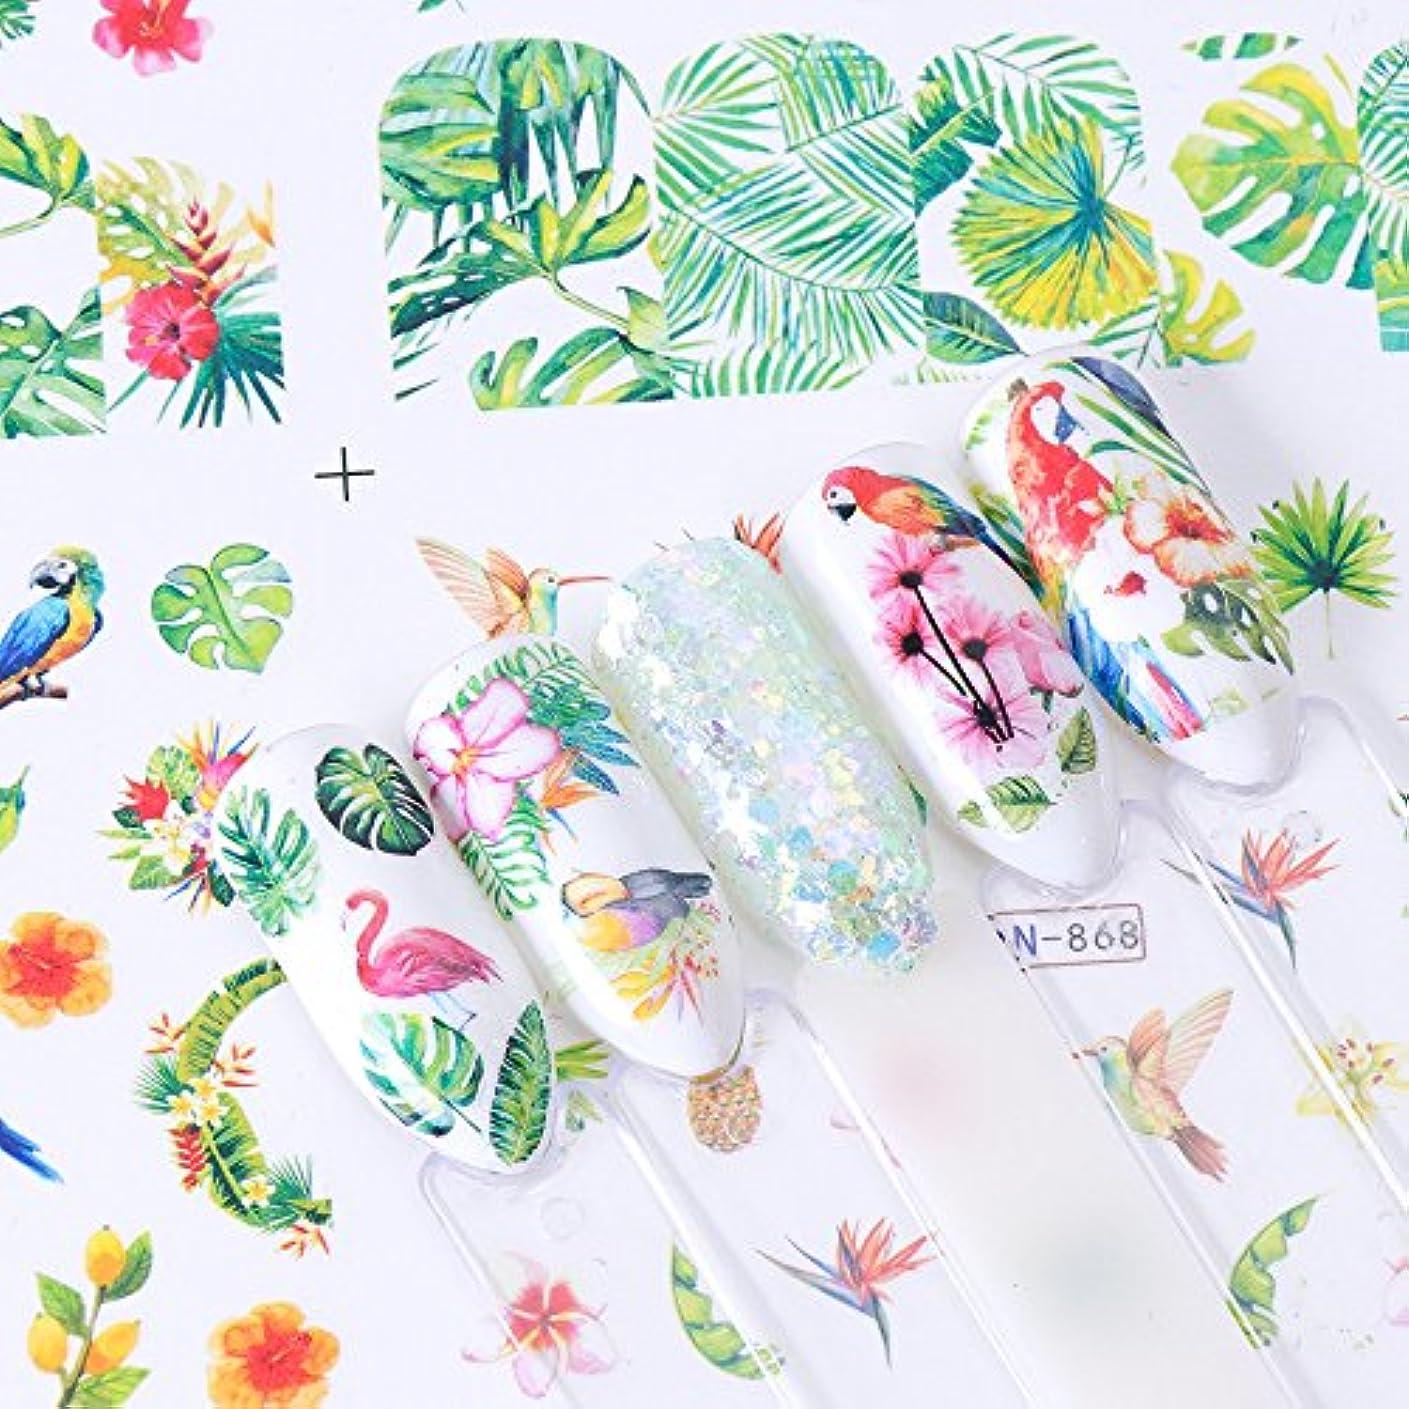 こっそり甲虫連隊12枚セット フラミンゴ 熱帯植物 モンステラネイルシール ウォーターネイルシール ジェルネイル セルフネイル レジン フラミンゴ 鳥 夏 トロピカル 南国 ピンクネイルシール ピンクフラミンゴシール ピンク